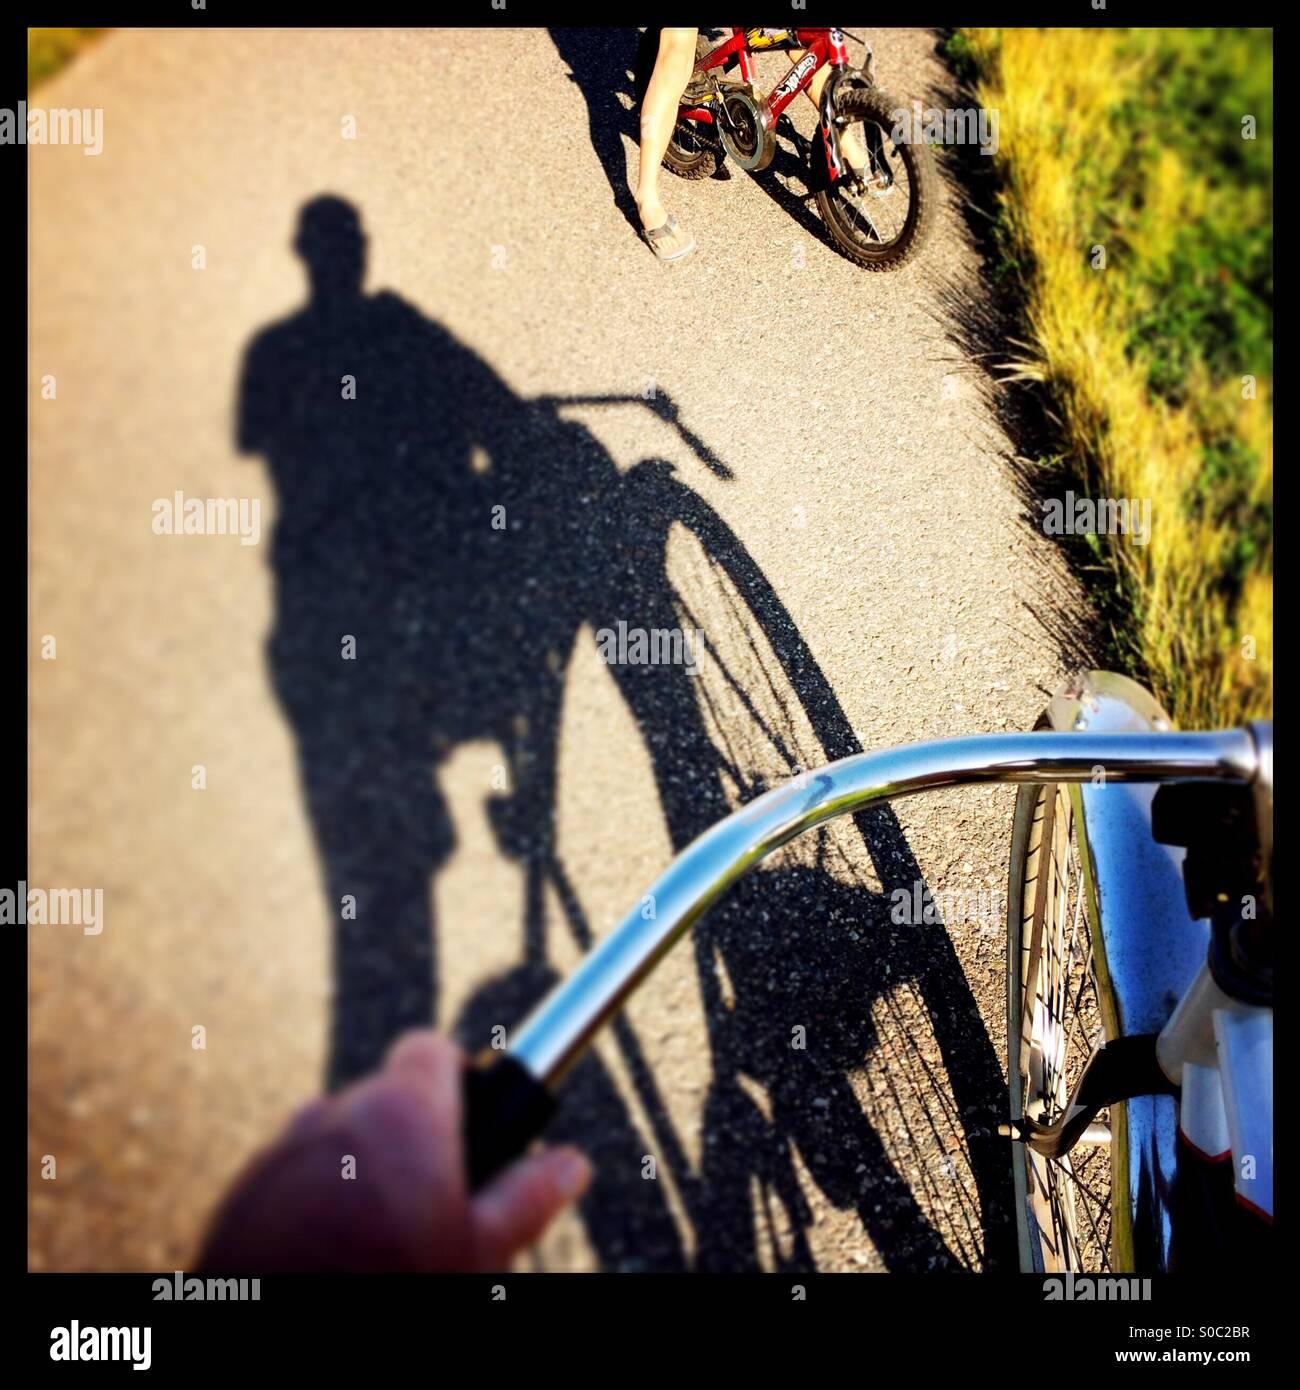 L'ombre d'un cycliste sur une piste cyclable de parler à un enfant de faire du vélo. Photo Stock